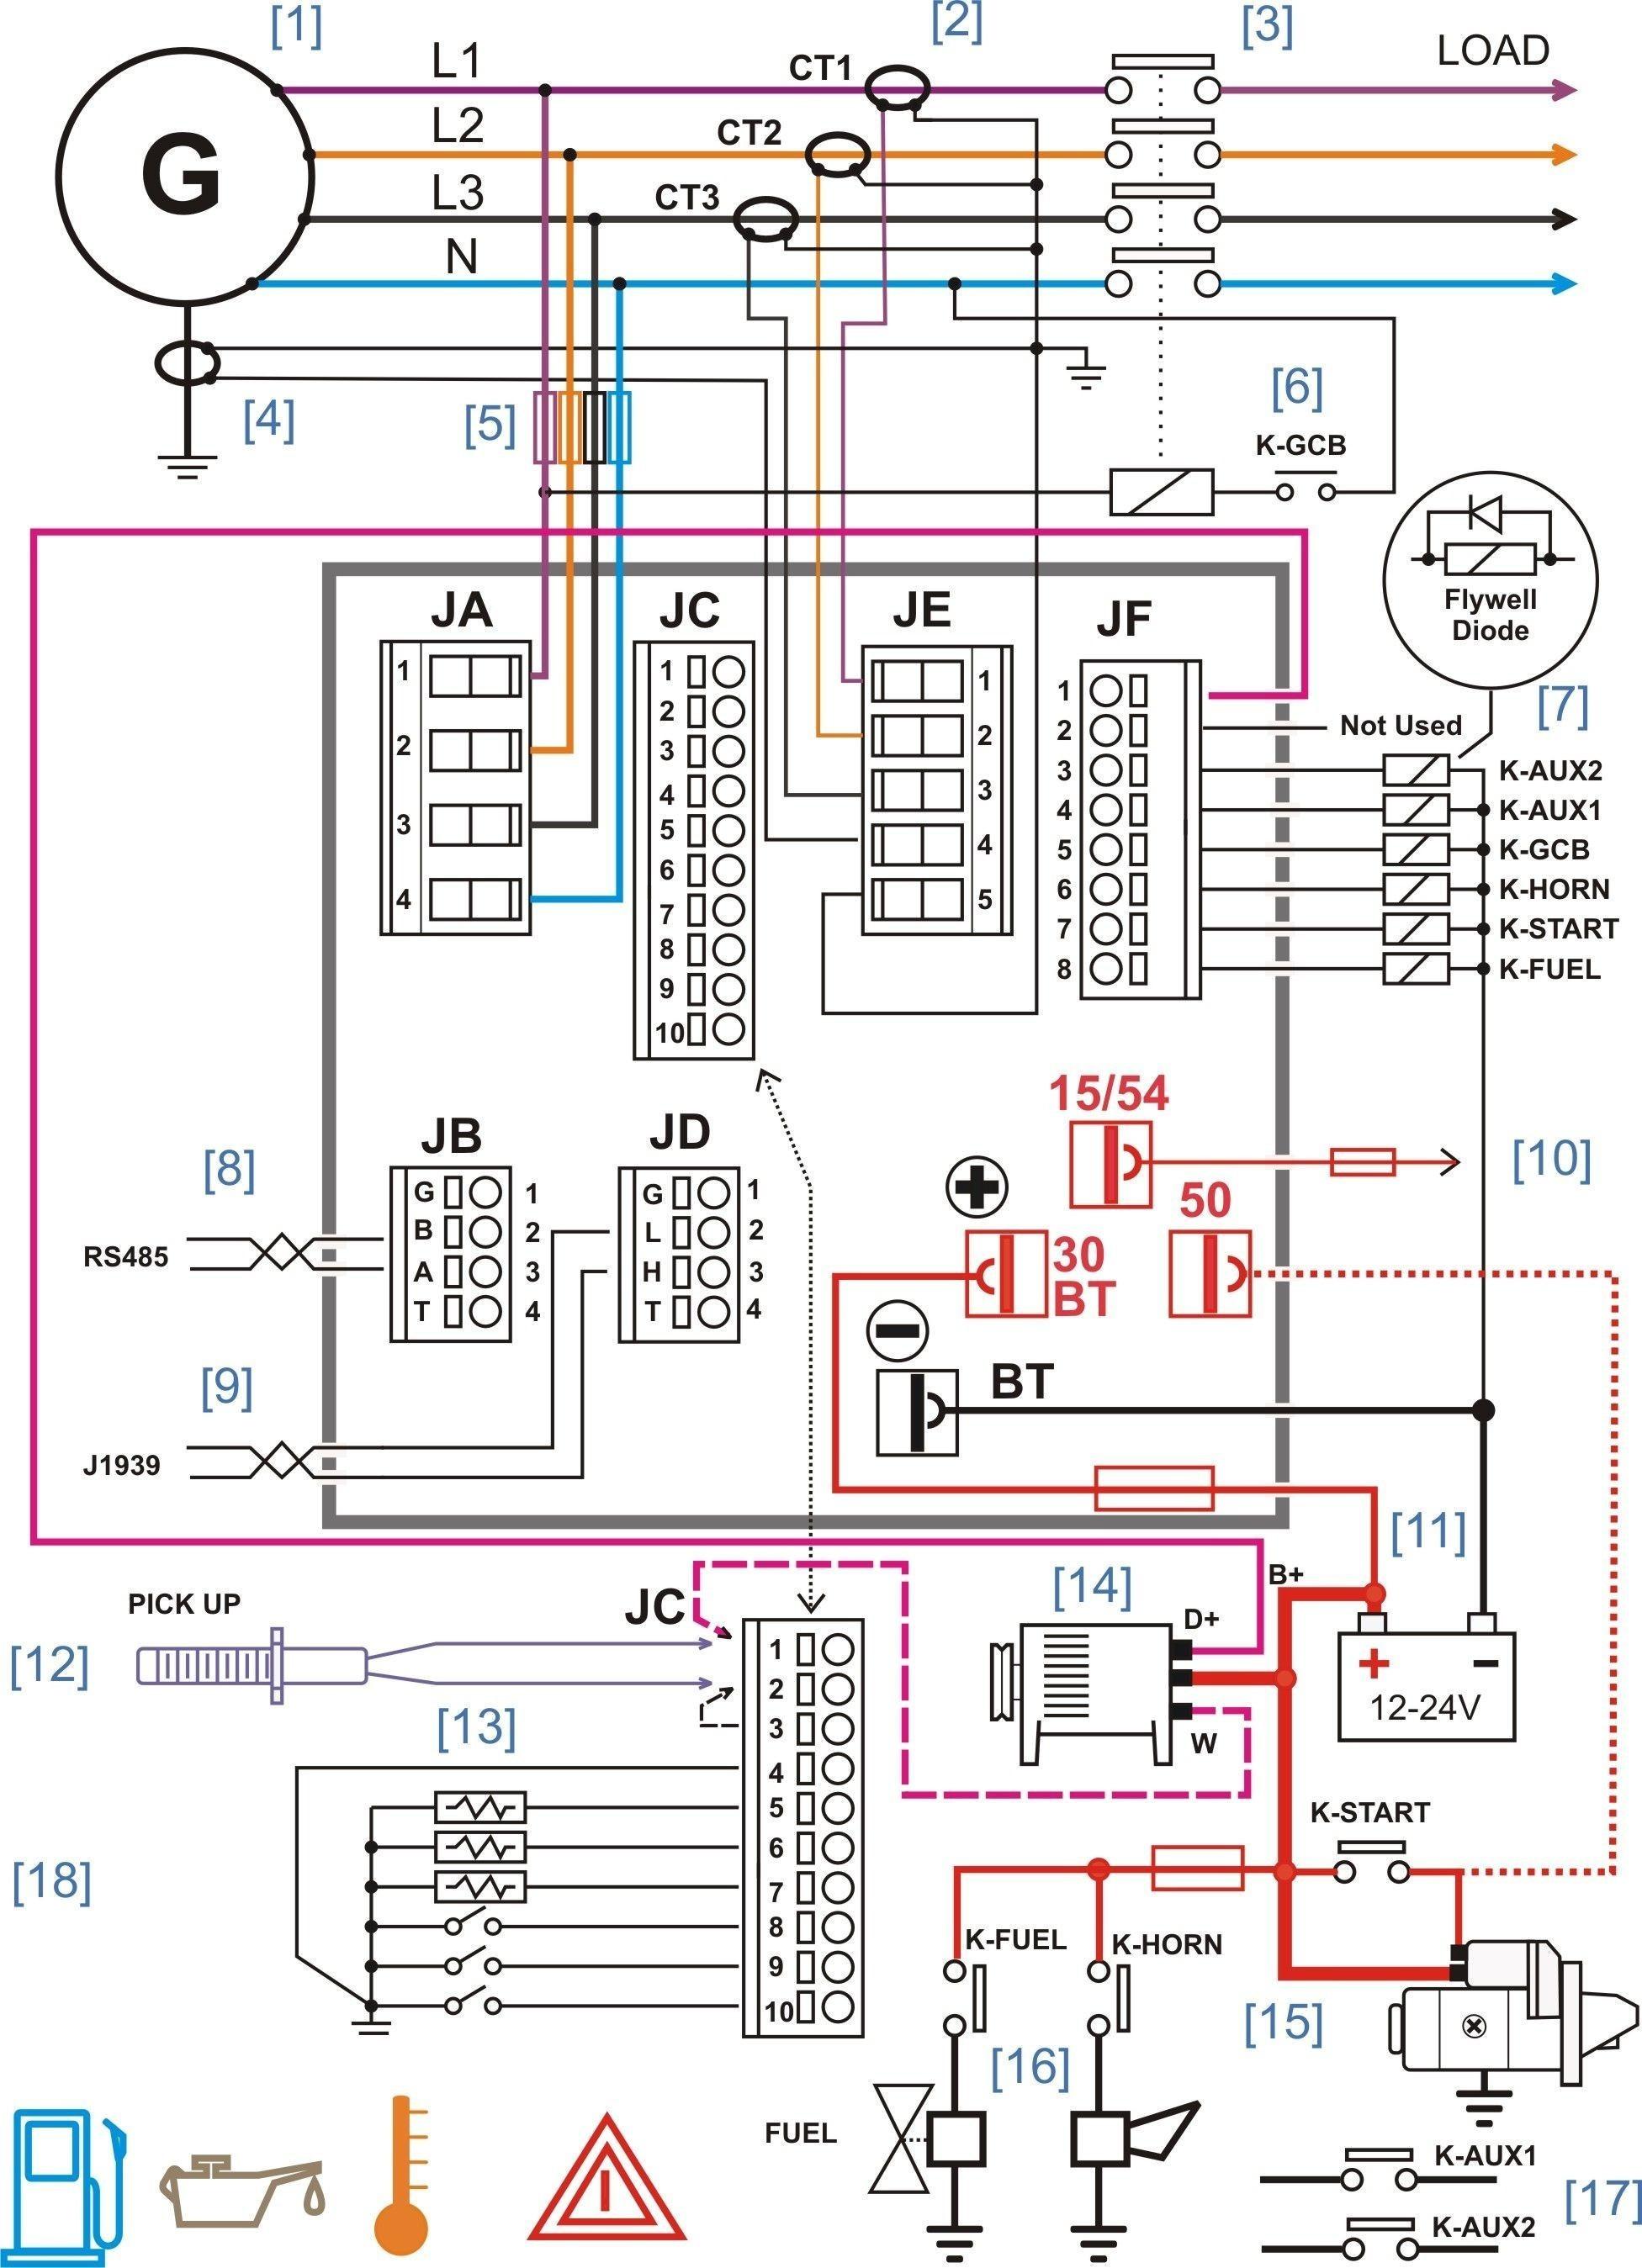 3208 Cat Engine Parts Diagram Caterpillar Alternator Wiring Diagram Opinions About Wiring Diagram • Of 3208 Cat Engine Parts Diagram